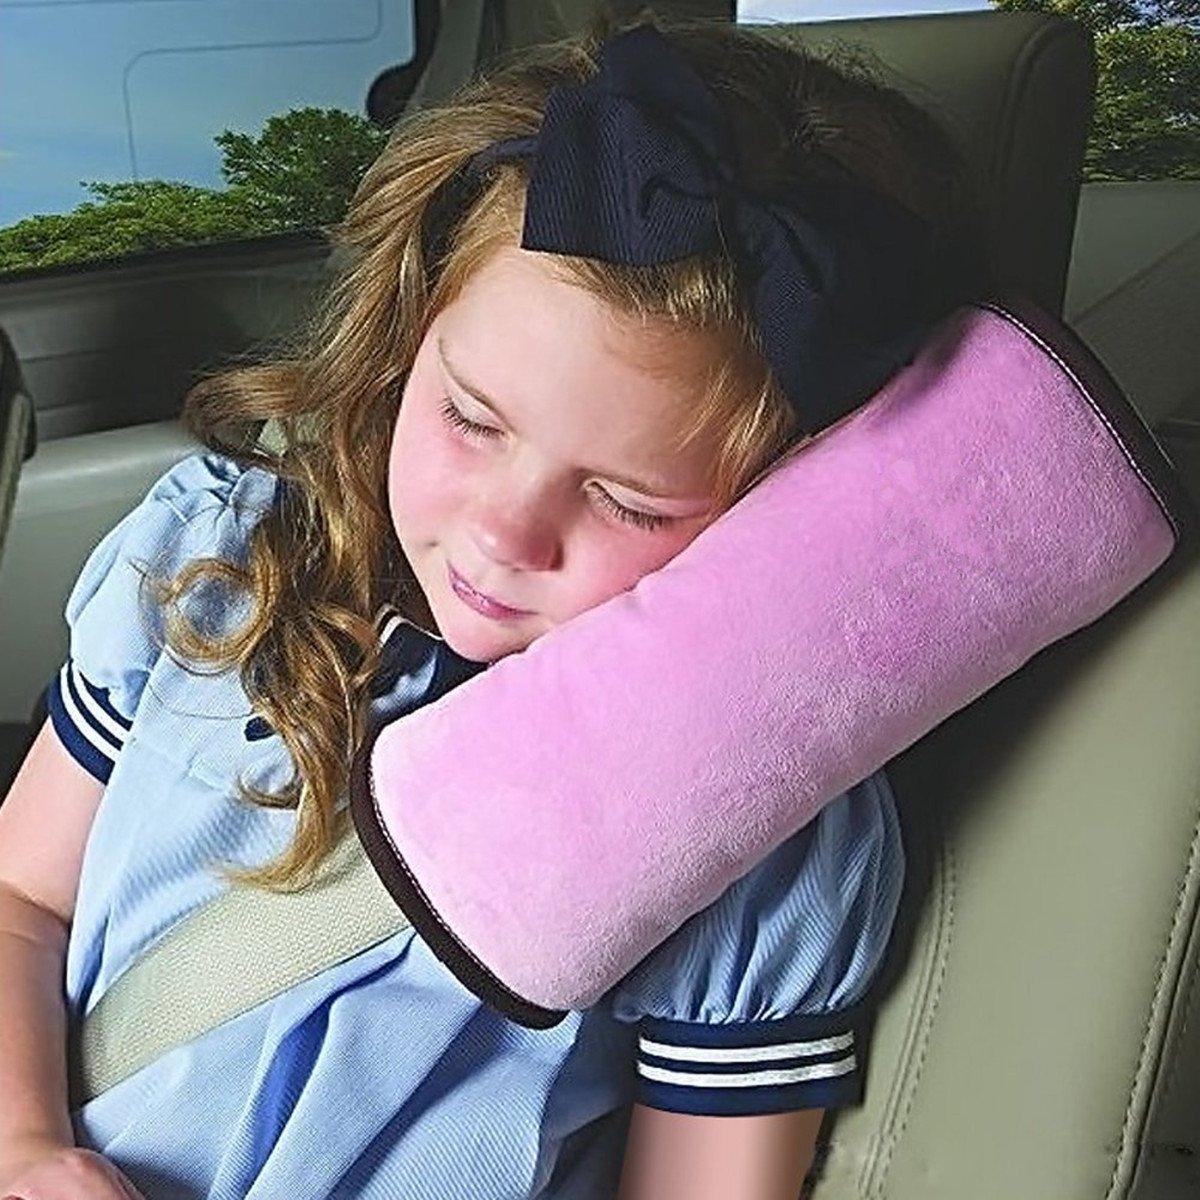 Sicherheitsgurt Kissen fü r Kinder defgo Auto Sicherheitsgurt Gurt Schulterpolster Bezug Kopfstü tze Nackenstü tze fü r Kinder Kid Erwachsene grau